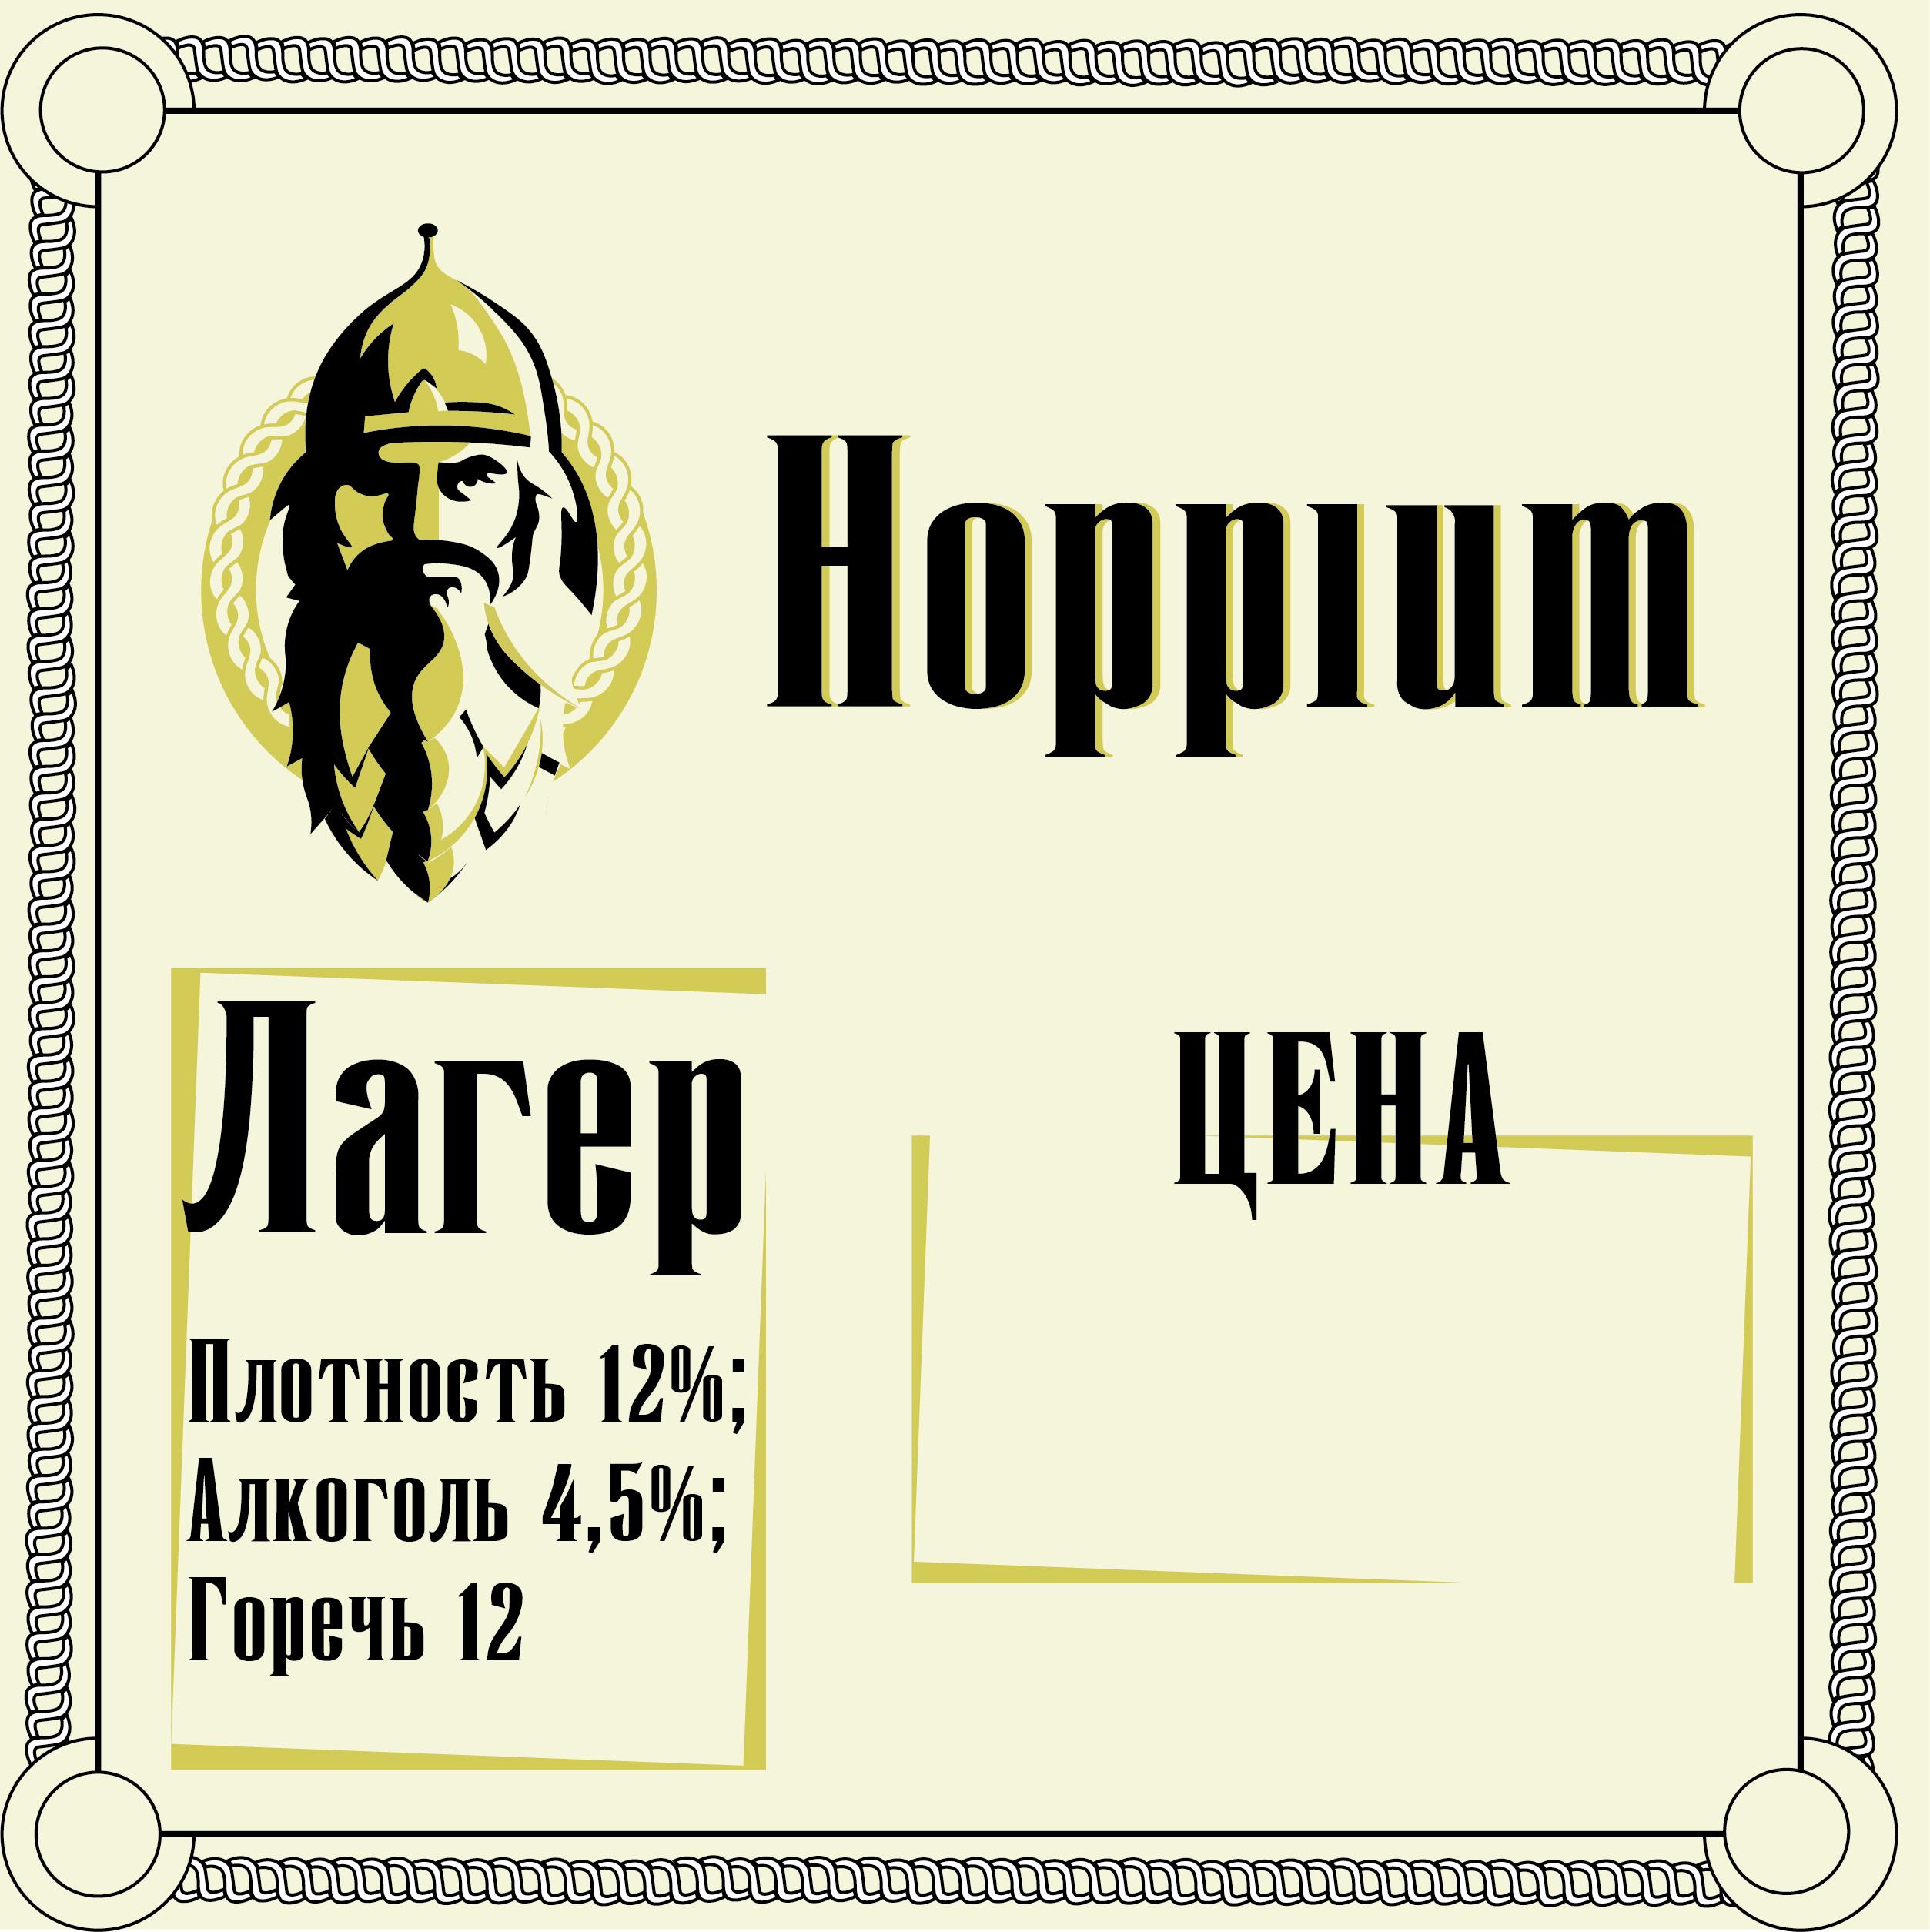 Логотип + Ценники для подмосковной крафтовой пивоварни фото f_4075dc40ff70c7c1.jpg